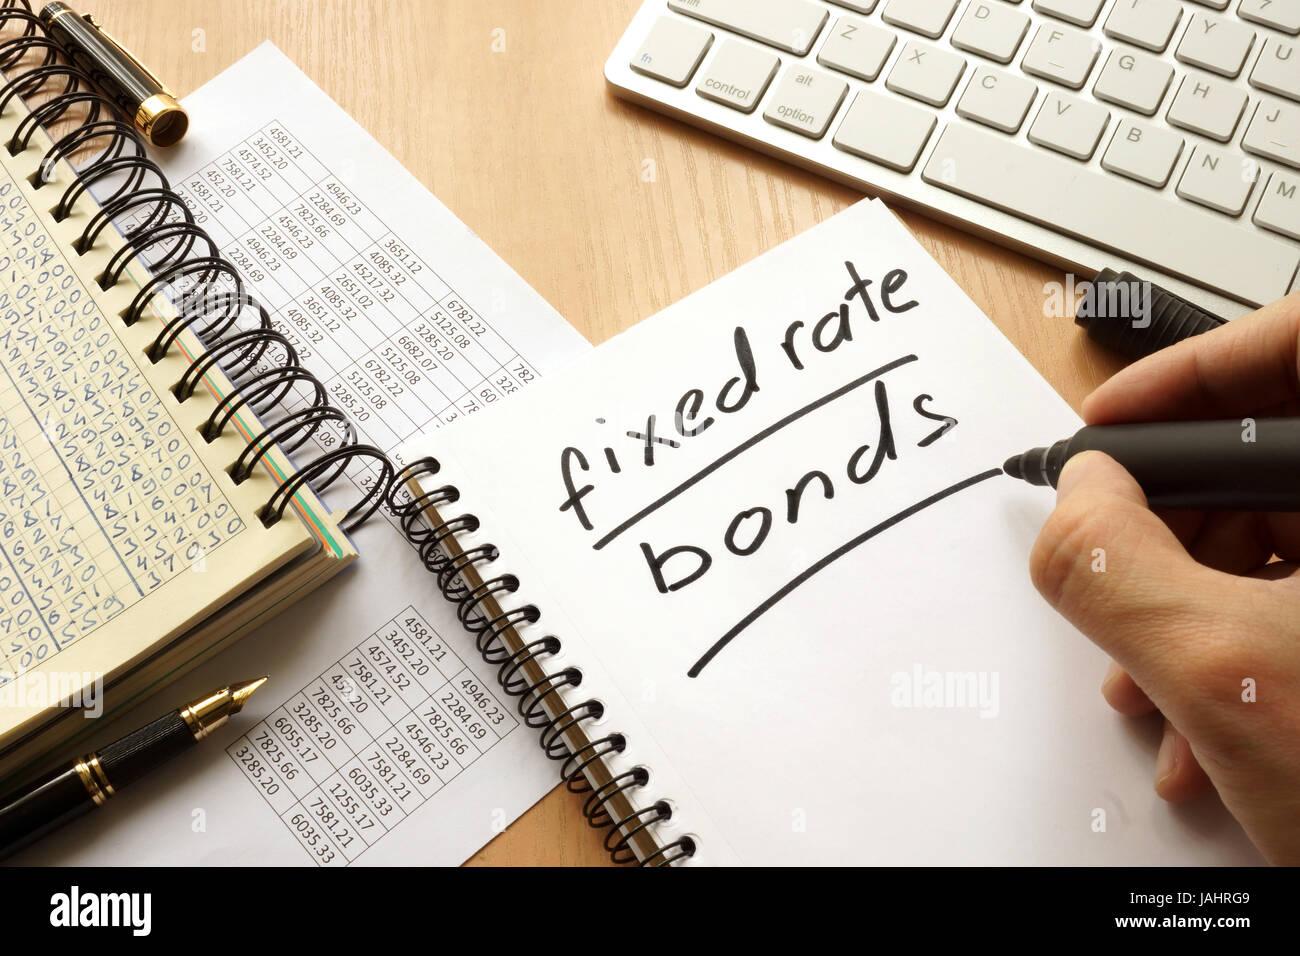 Obbligazioni a tasso fisso scritto in una nota. Concetto di trading. Immagini Stock